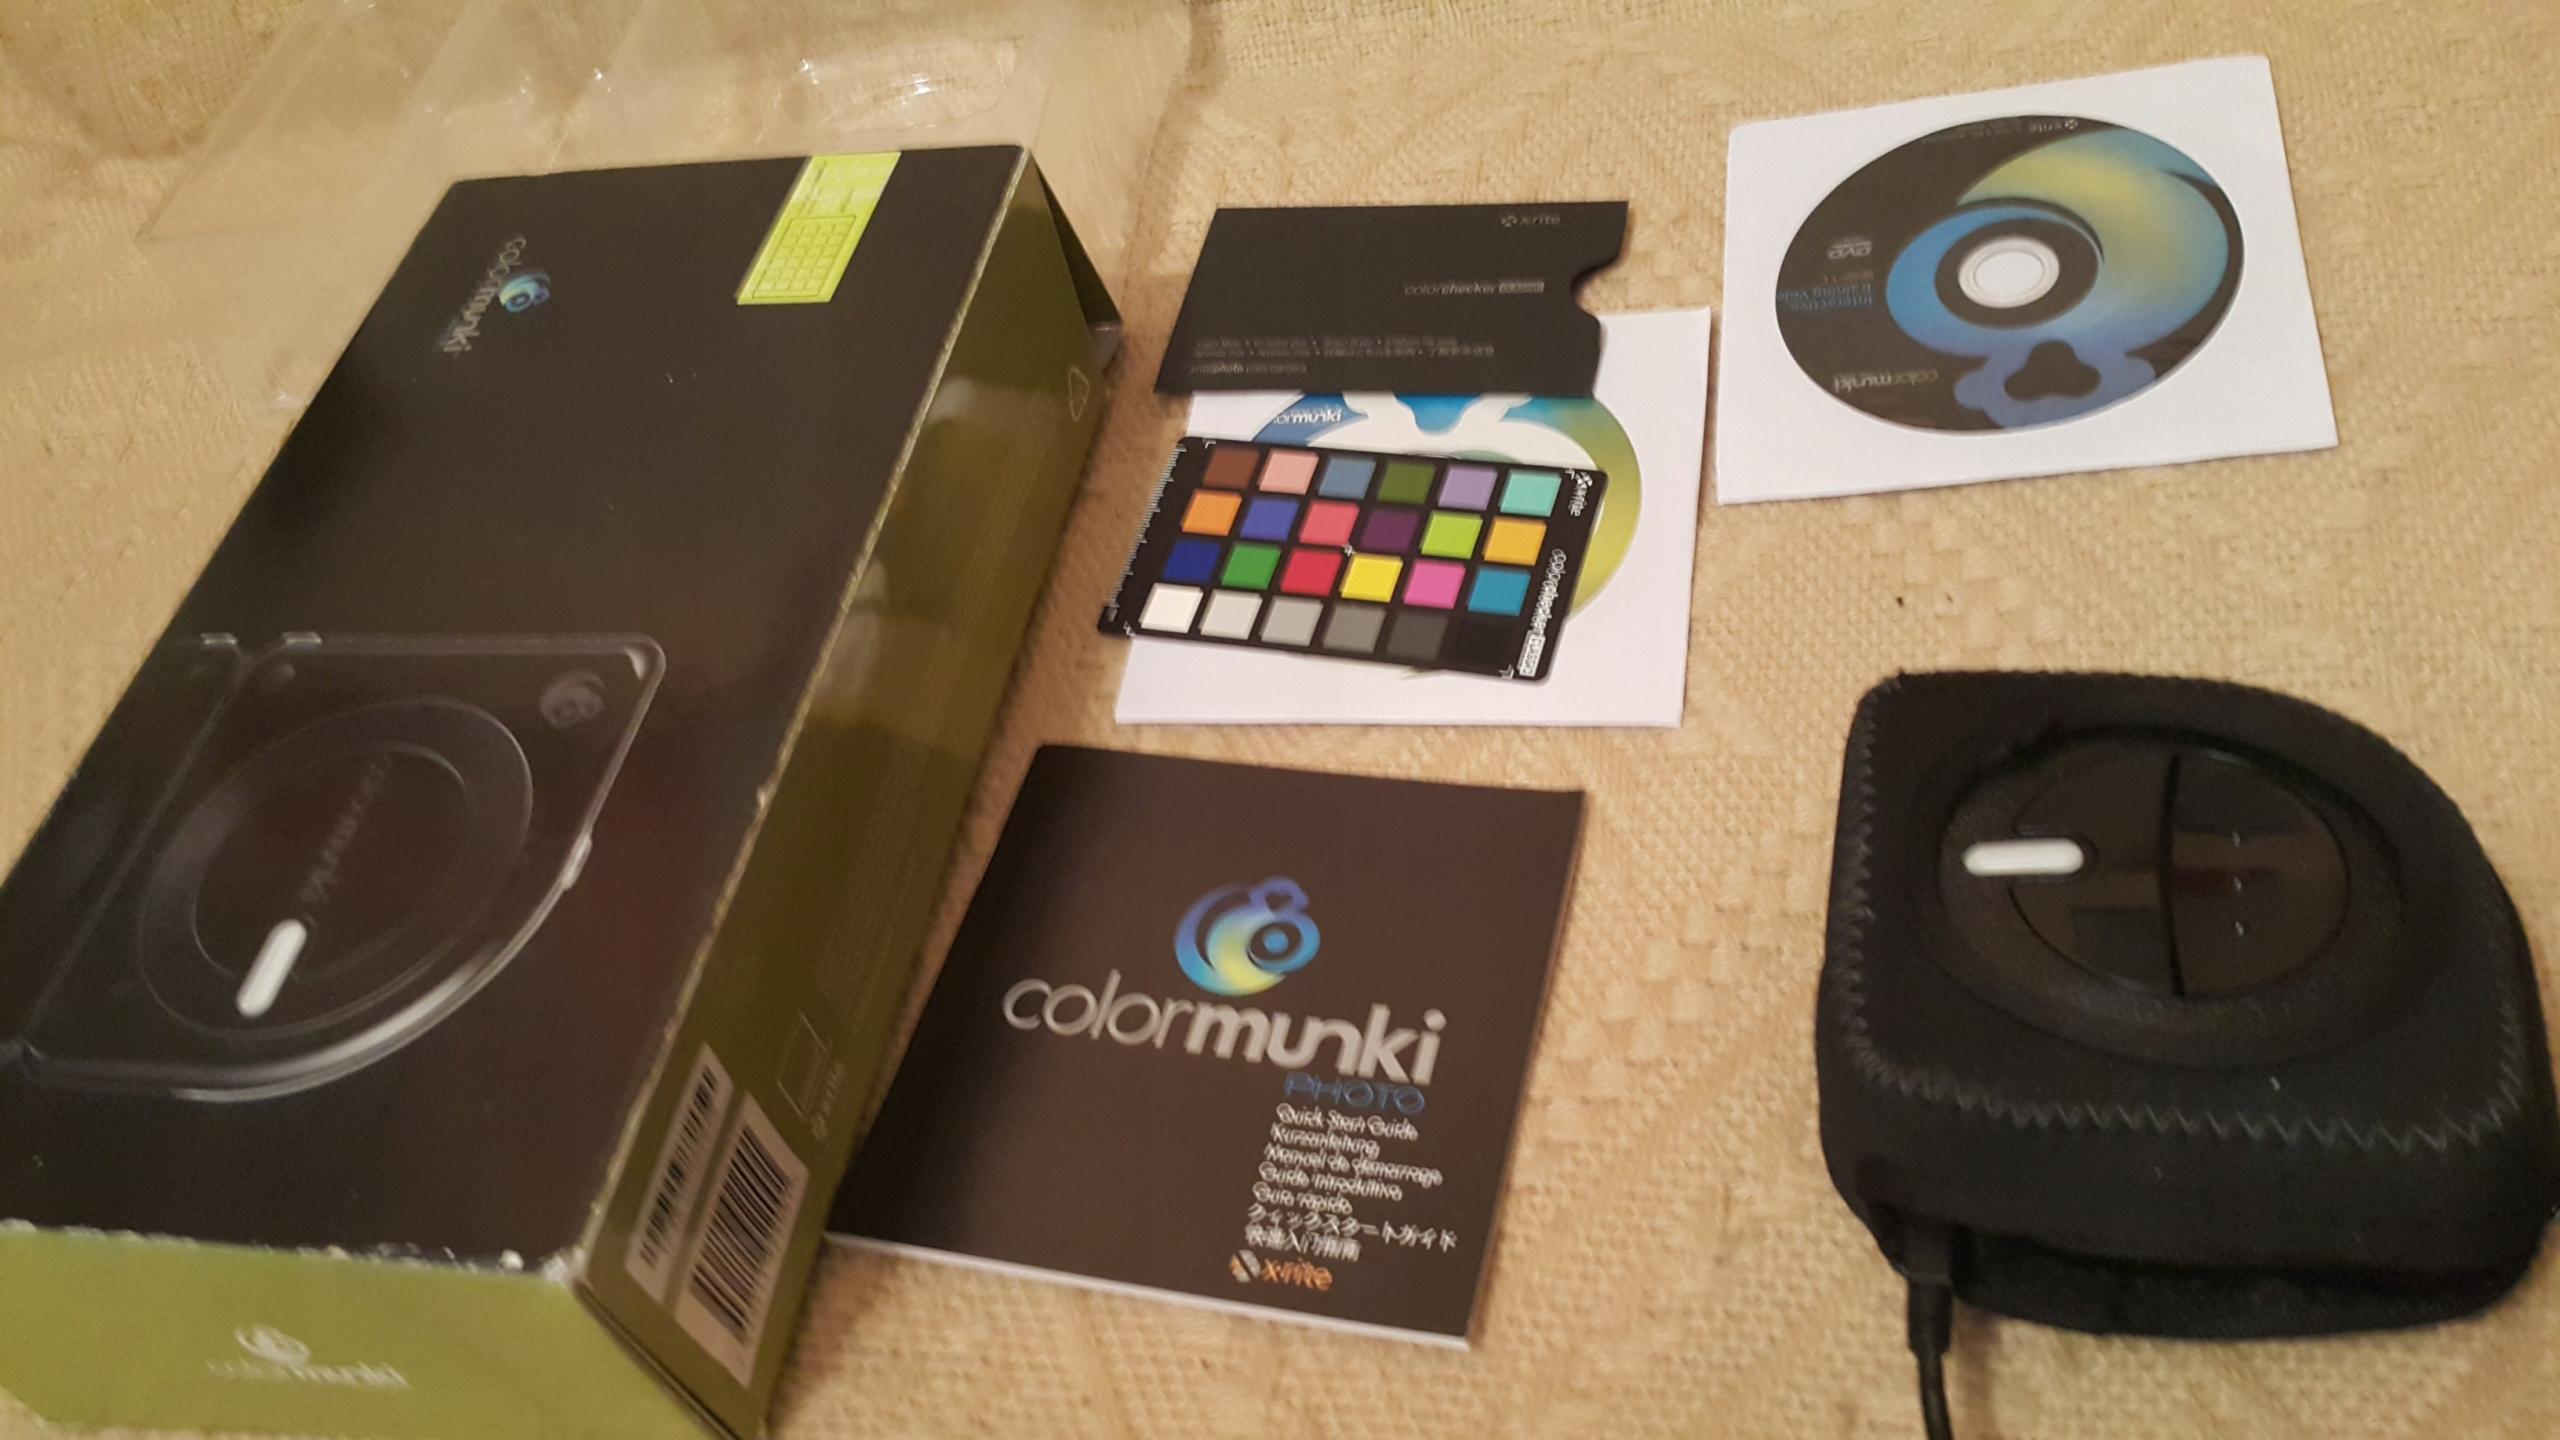 X-rite ColorMunkiPhoto+Colorcheker spektrofotometr